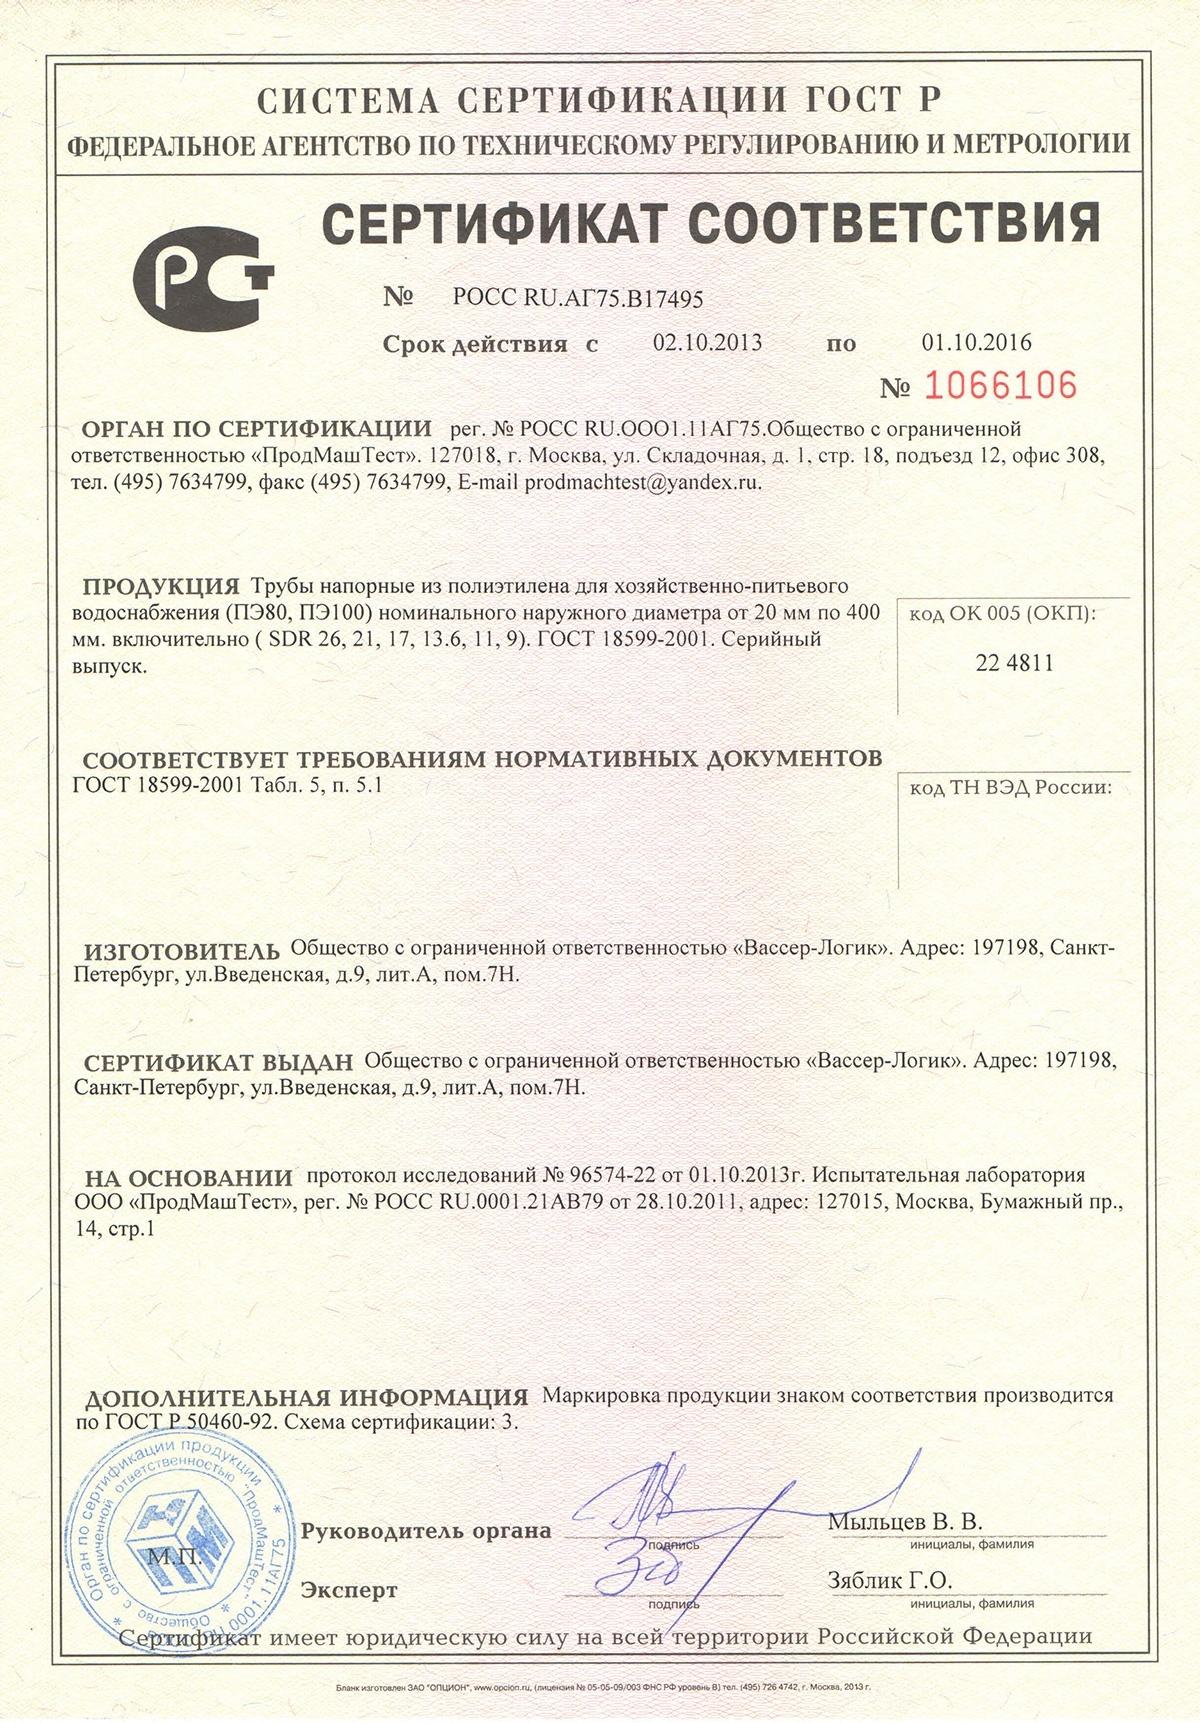 Сертификация пэ труб ганевский г.м.метрология стандартизация и сертификация